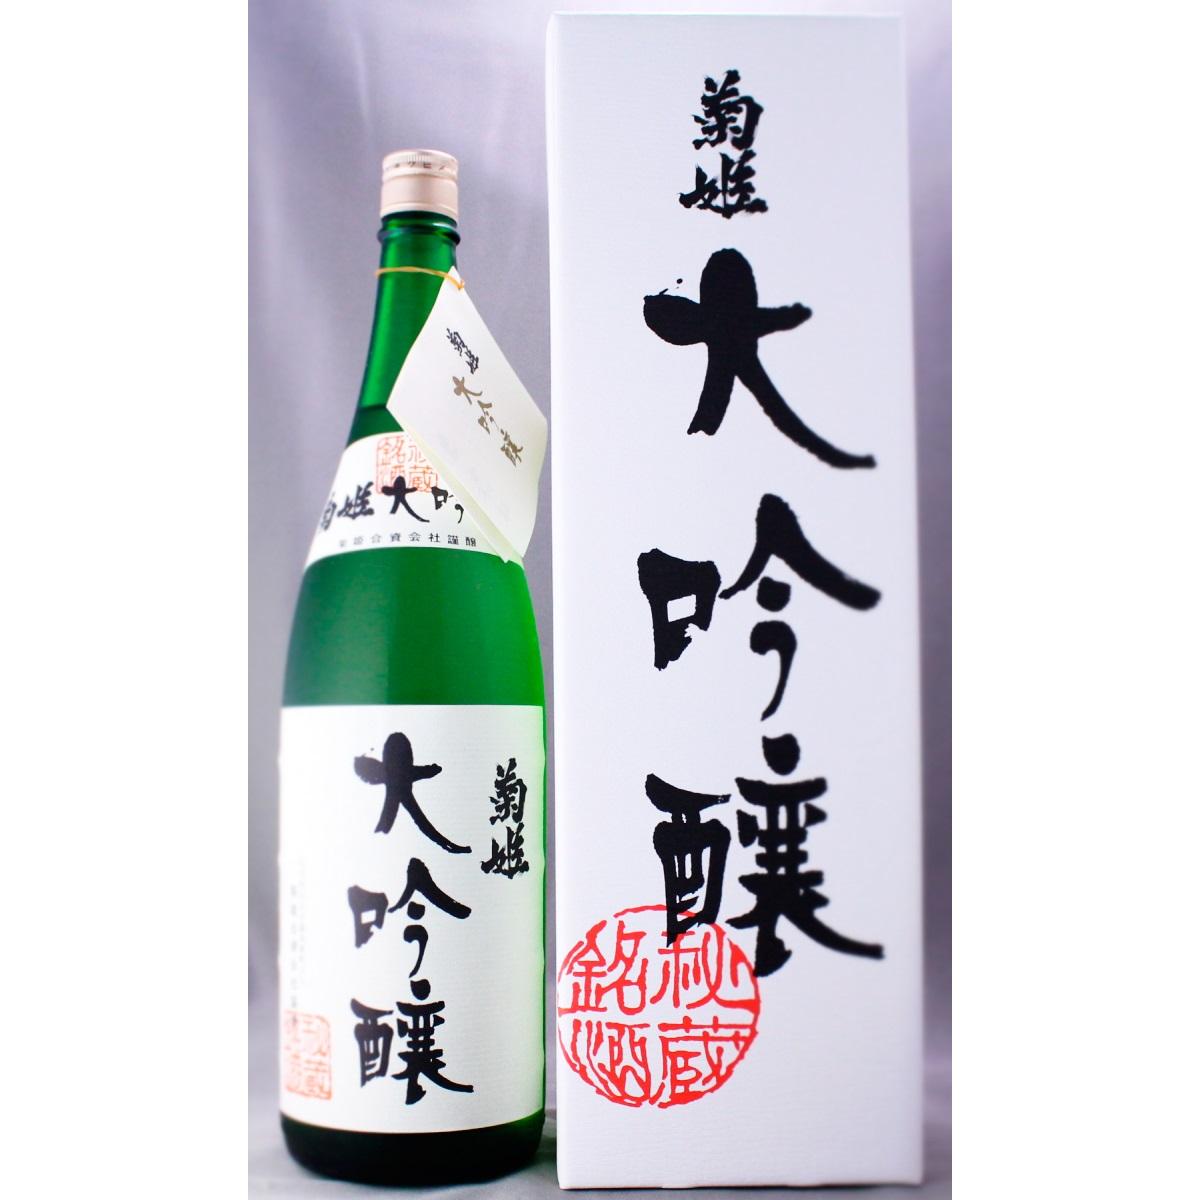 菊姫 大吟醸 1800ml【菊姫合資会社】【石川県】